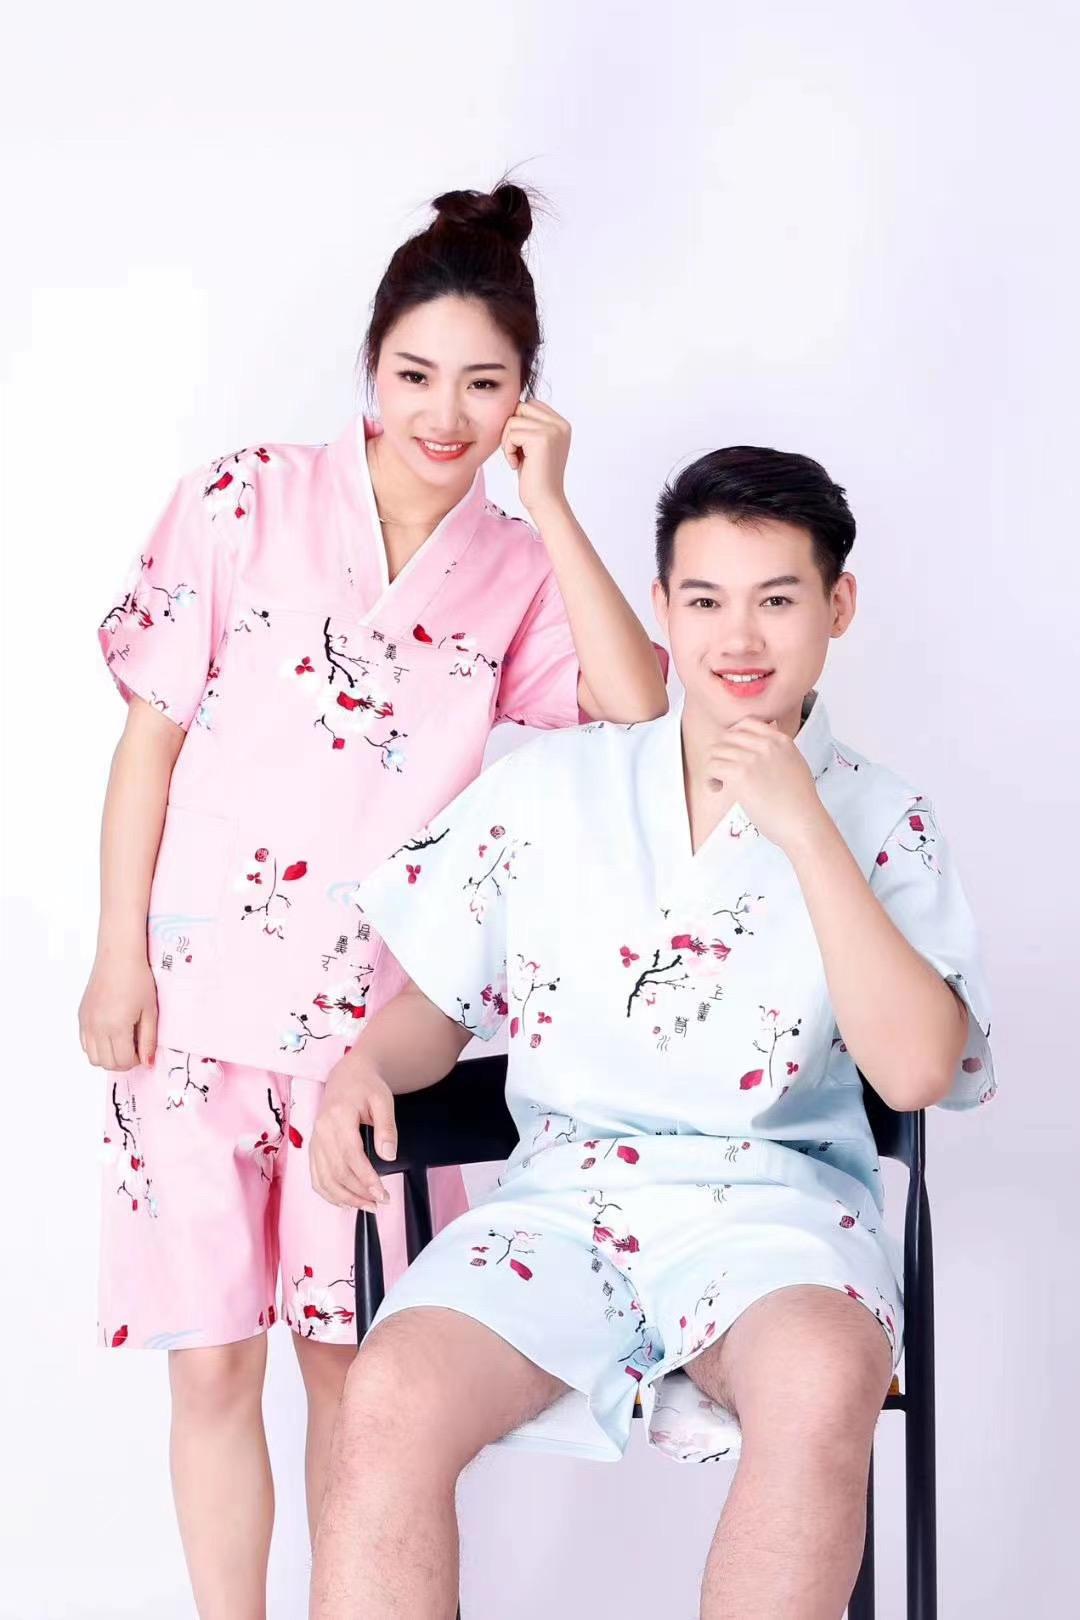 君芝友酒店用品纯棉浴袍 酒店用彩色印花睡衣 五星级酒店全棉浴服产品展示